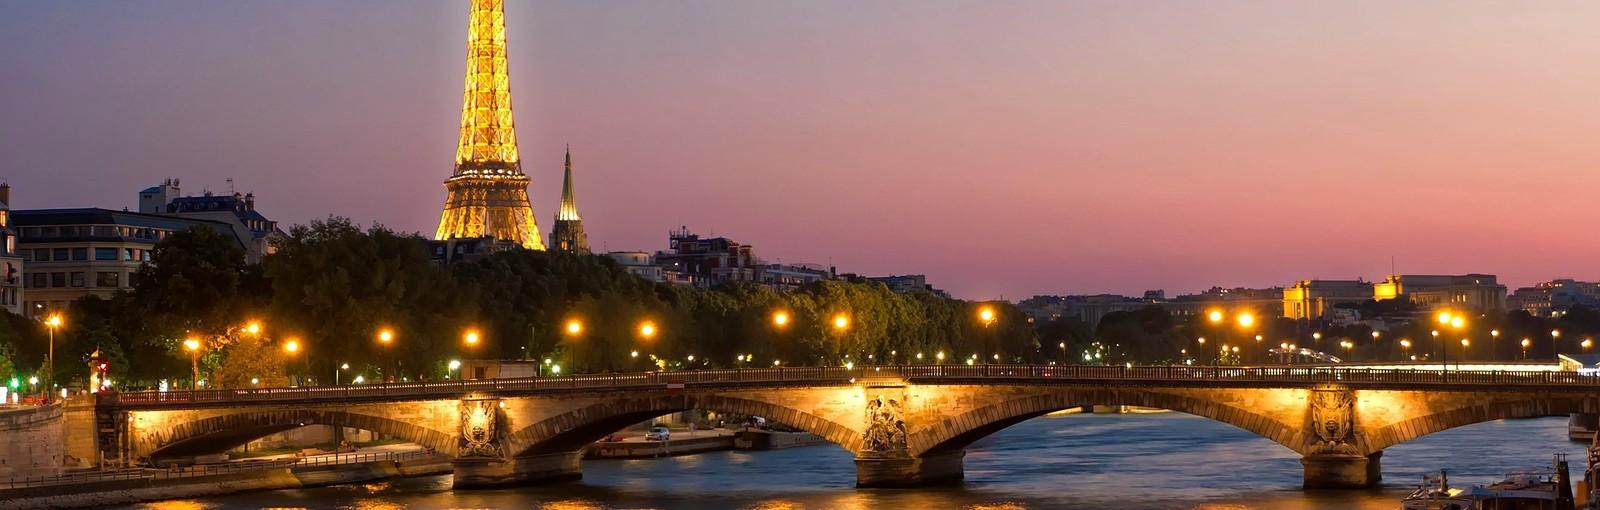 Tours Romantic Package - Paris Packages - Paris Tours